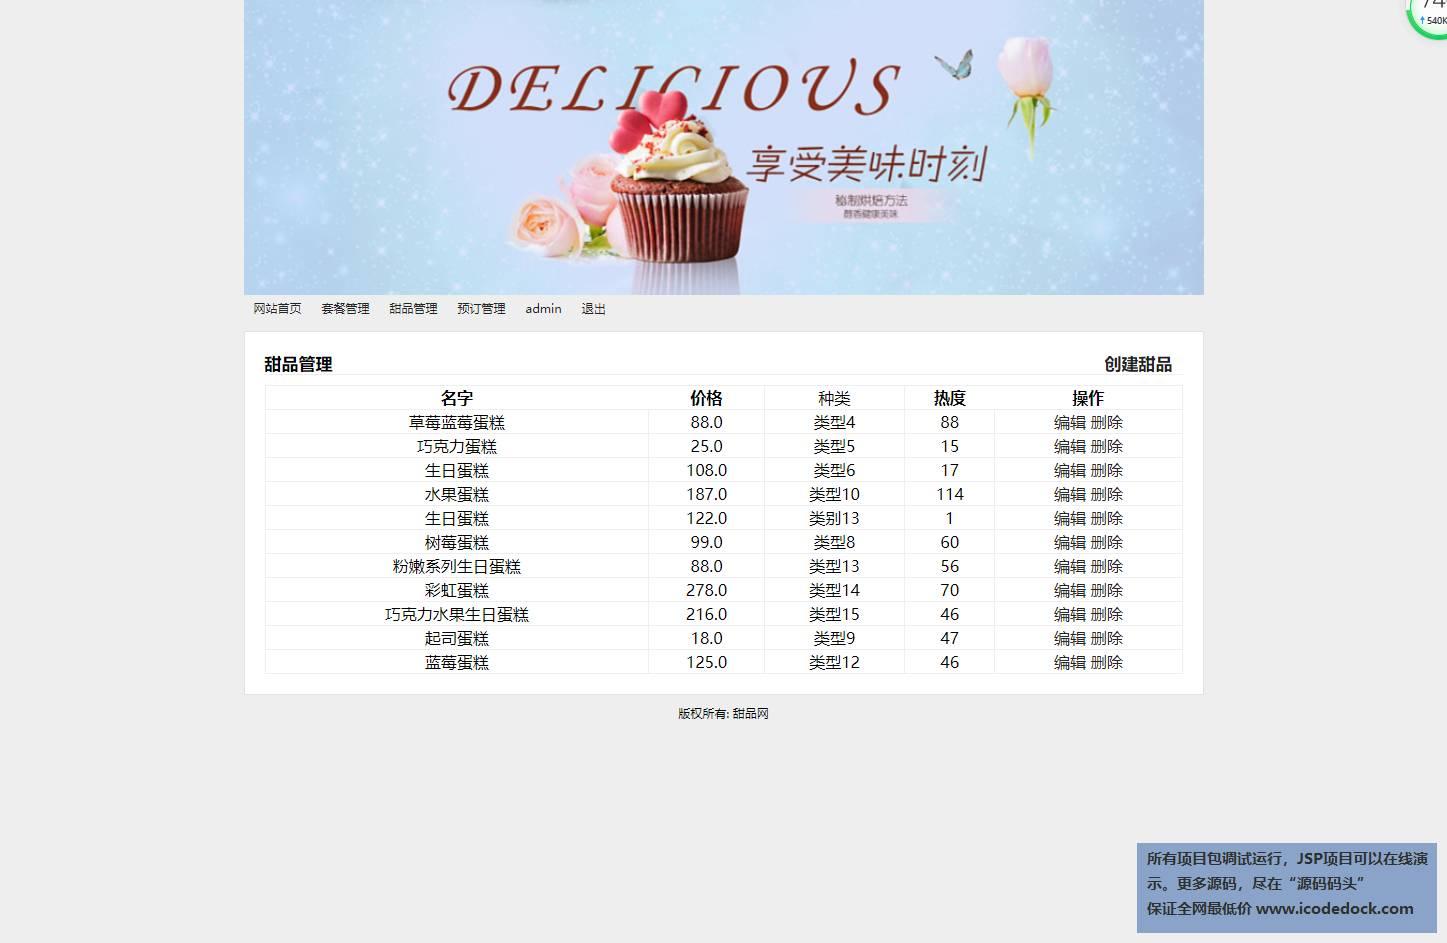 源码码头-SSM在线甜品商城平台-管理员角色-甜品管理